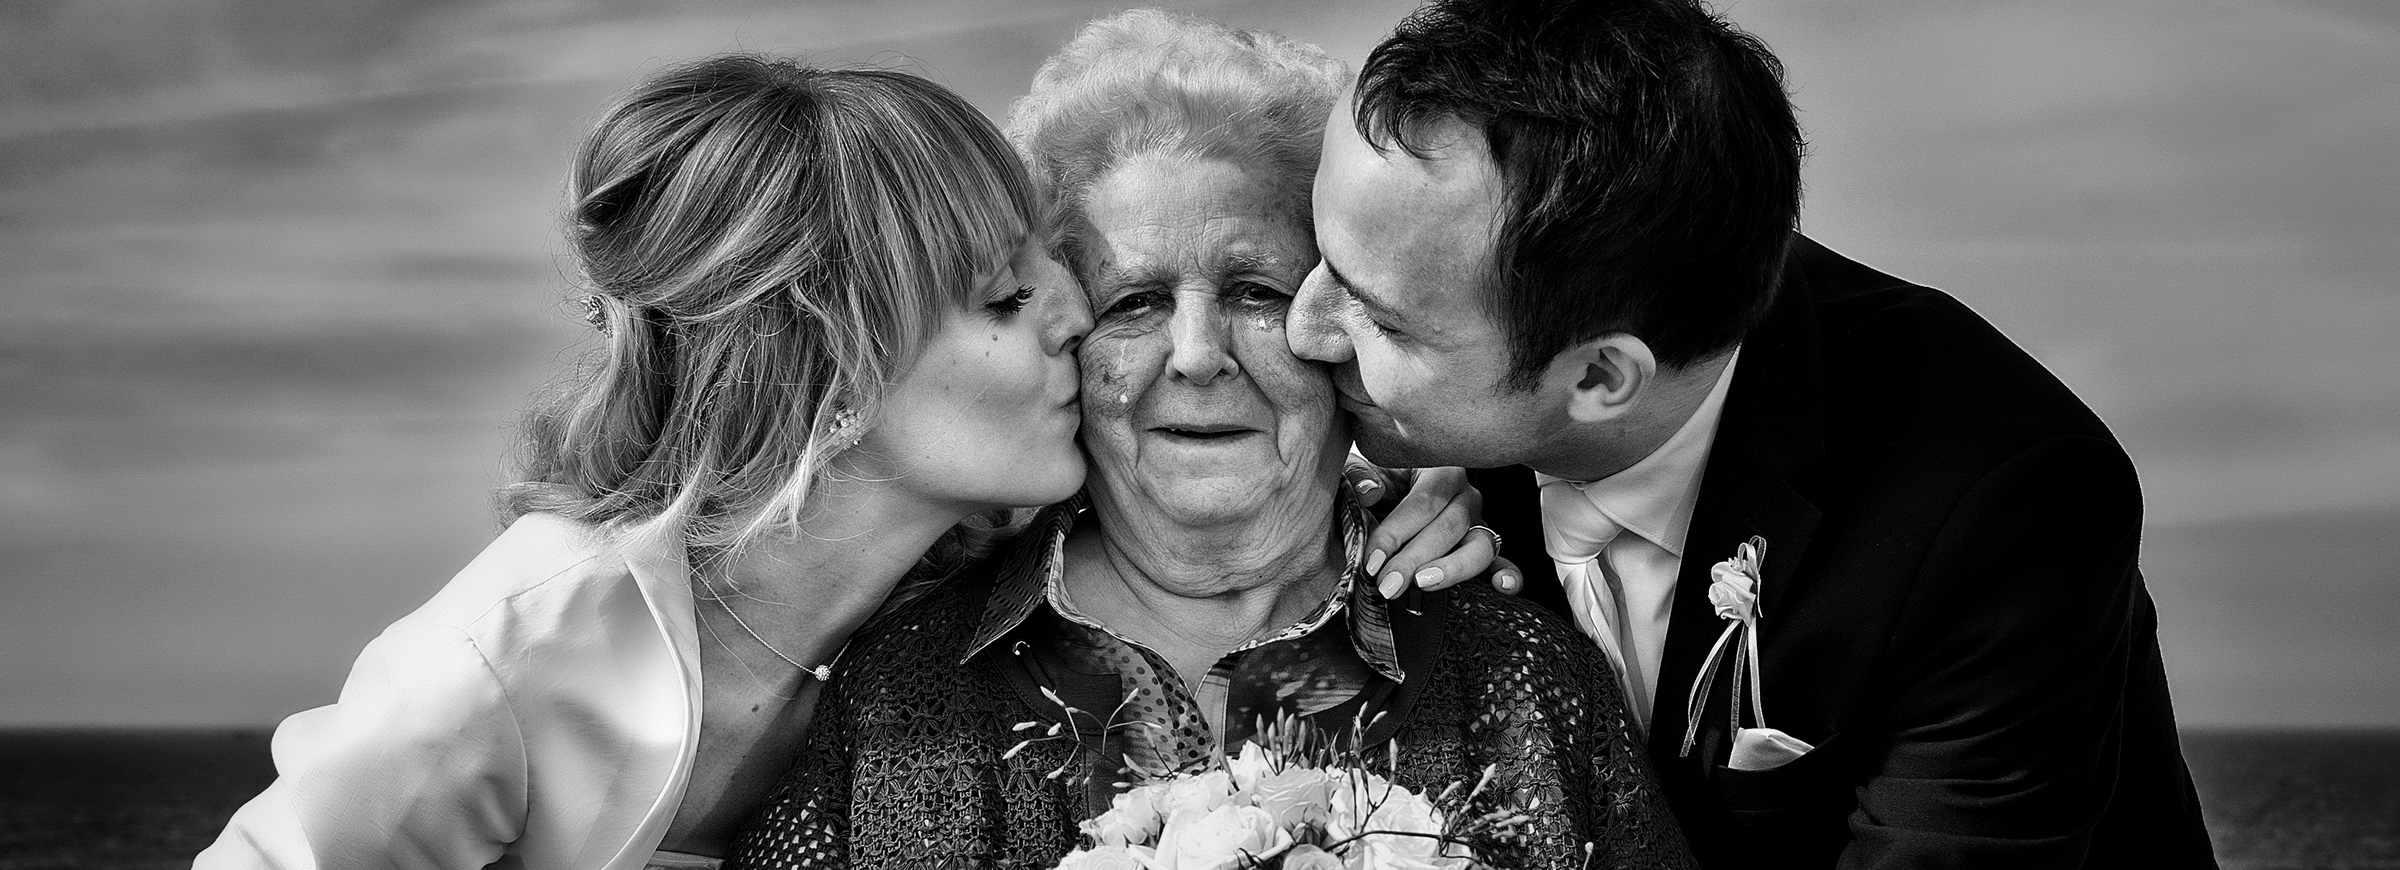 Zur Tränen gerührte Oma steht auf einem Holzsteg in Kampen, das Hochzeitspaar küsst sie von den Seiten auf die Wange. Eine Träne kullert.